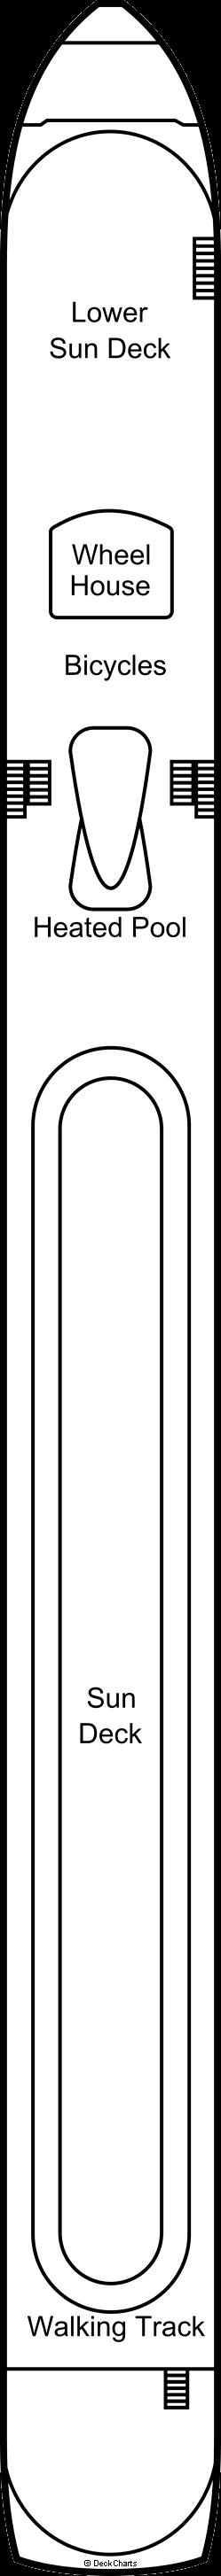 AmaMora: Sun Deck